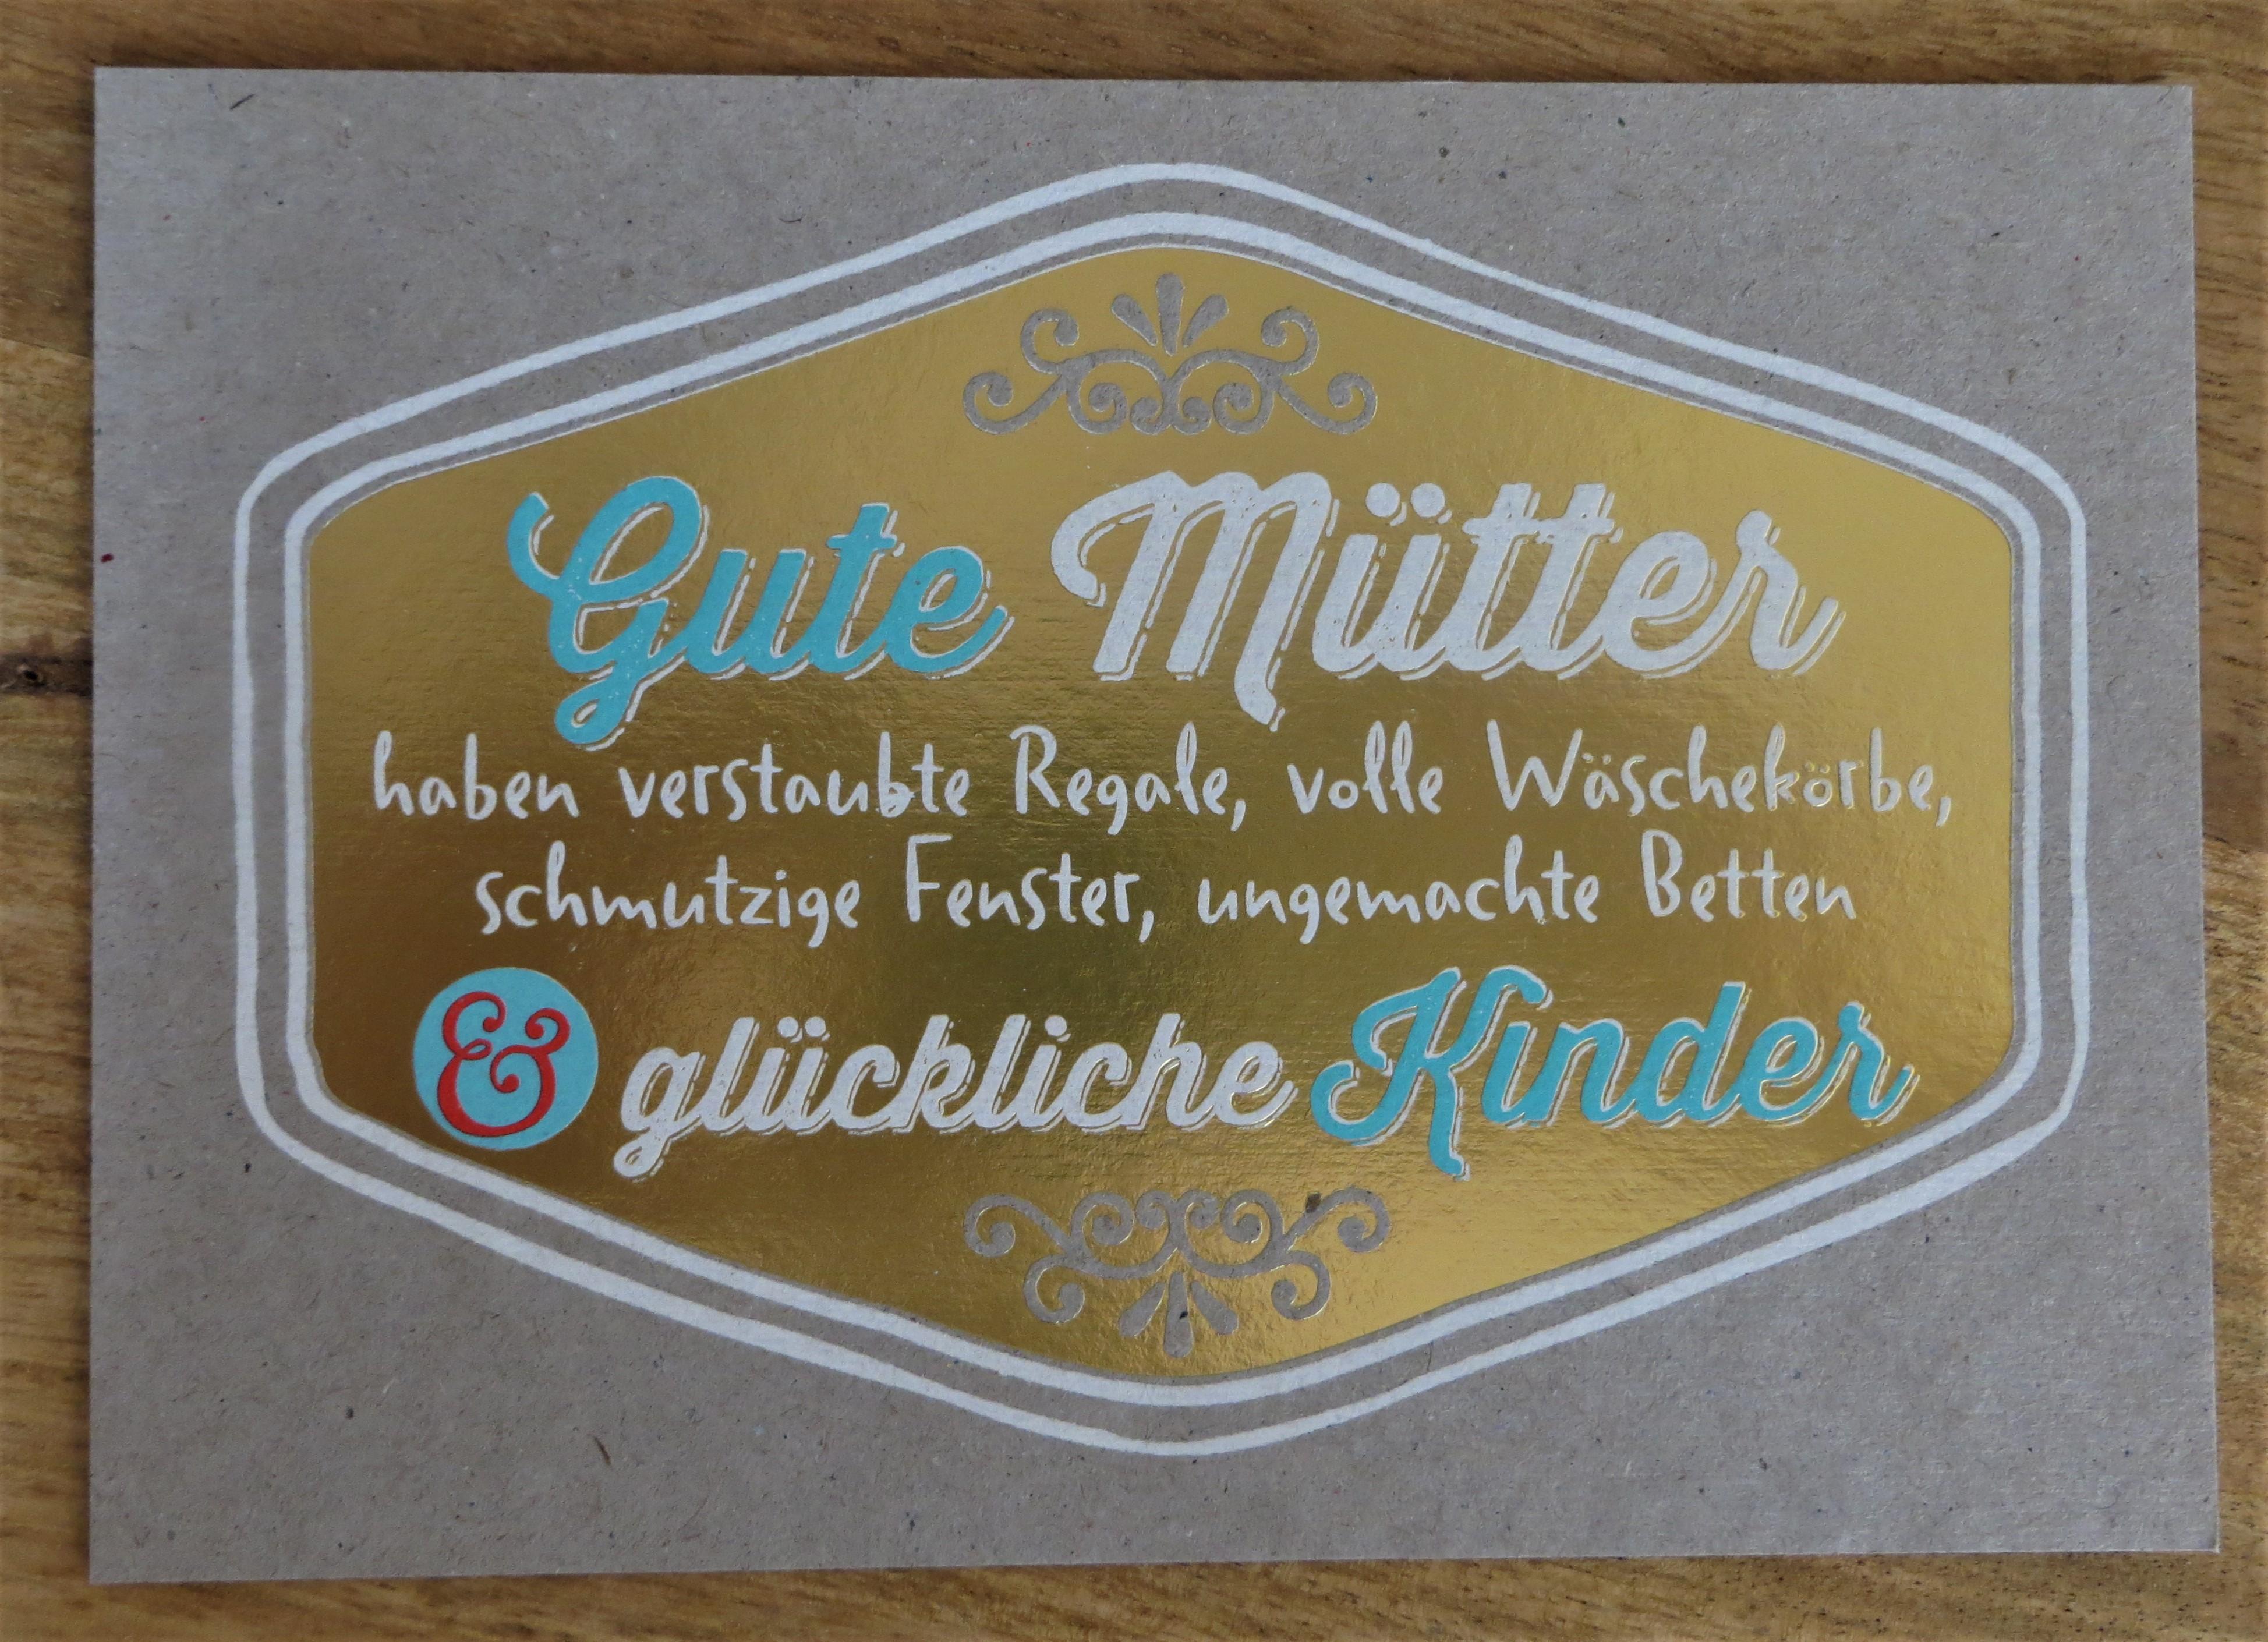 Nützlichgrusskarten - Postkarte Gute Mütter haben verstaubte Regale volle Wäschekörbe... KUNST und BILD - Onlineshop Tante Emmer